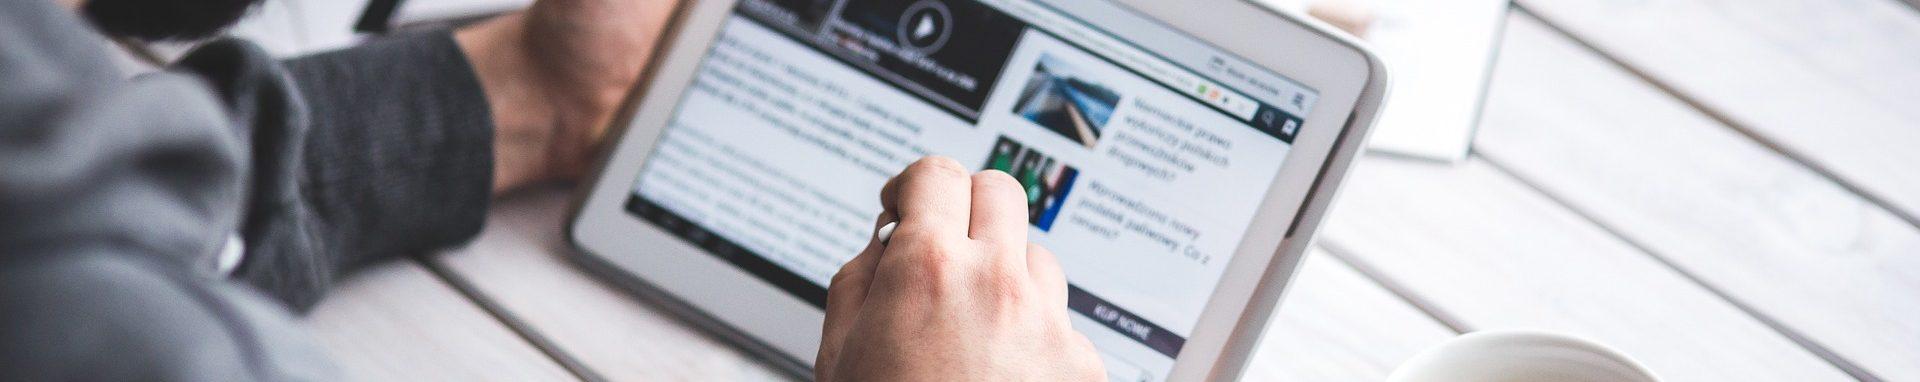 בלוג מומחים ברשת